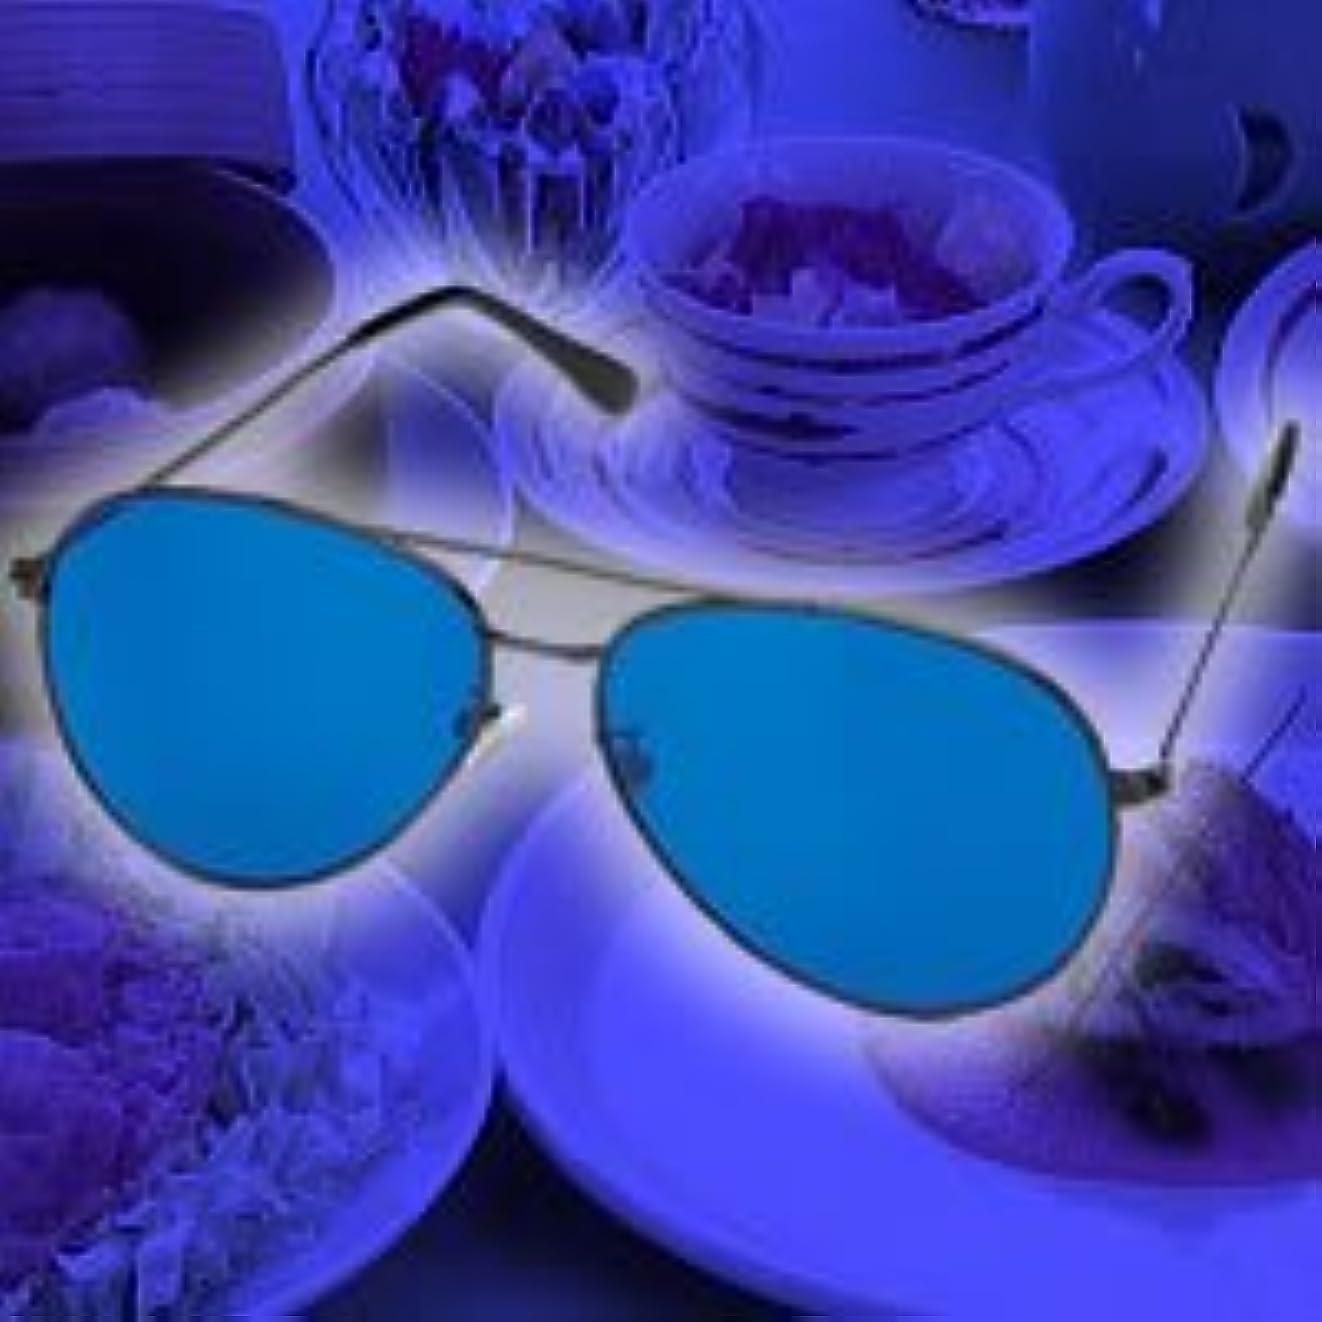 消毒剤提供された友情青色ダイエットめがね(青色めがね)食べる5分前に使用でダイエット 青色アイグラス リラックスで食欲を抑える 青色めがねダイエット